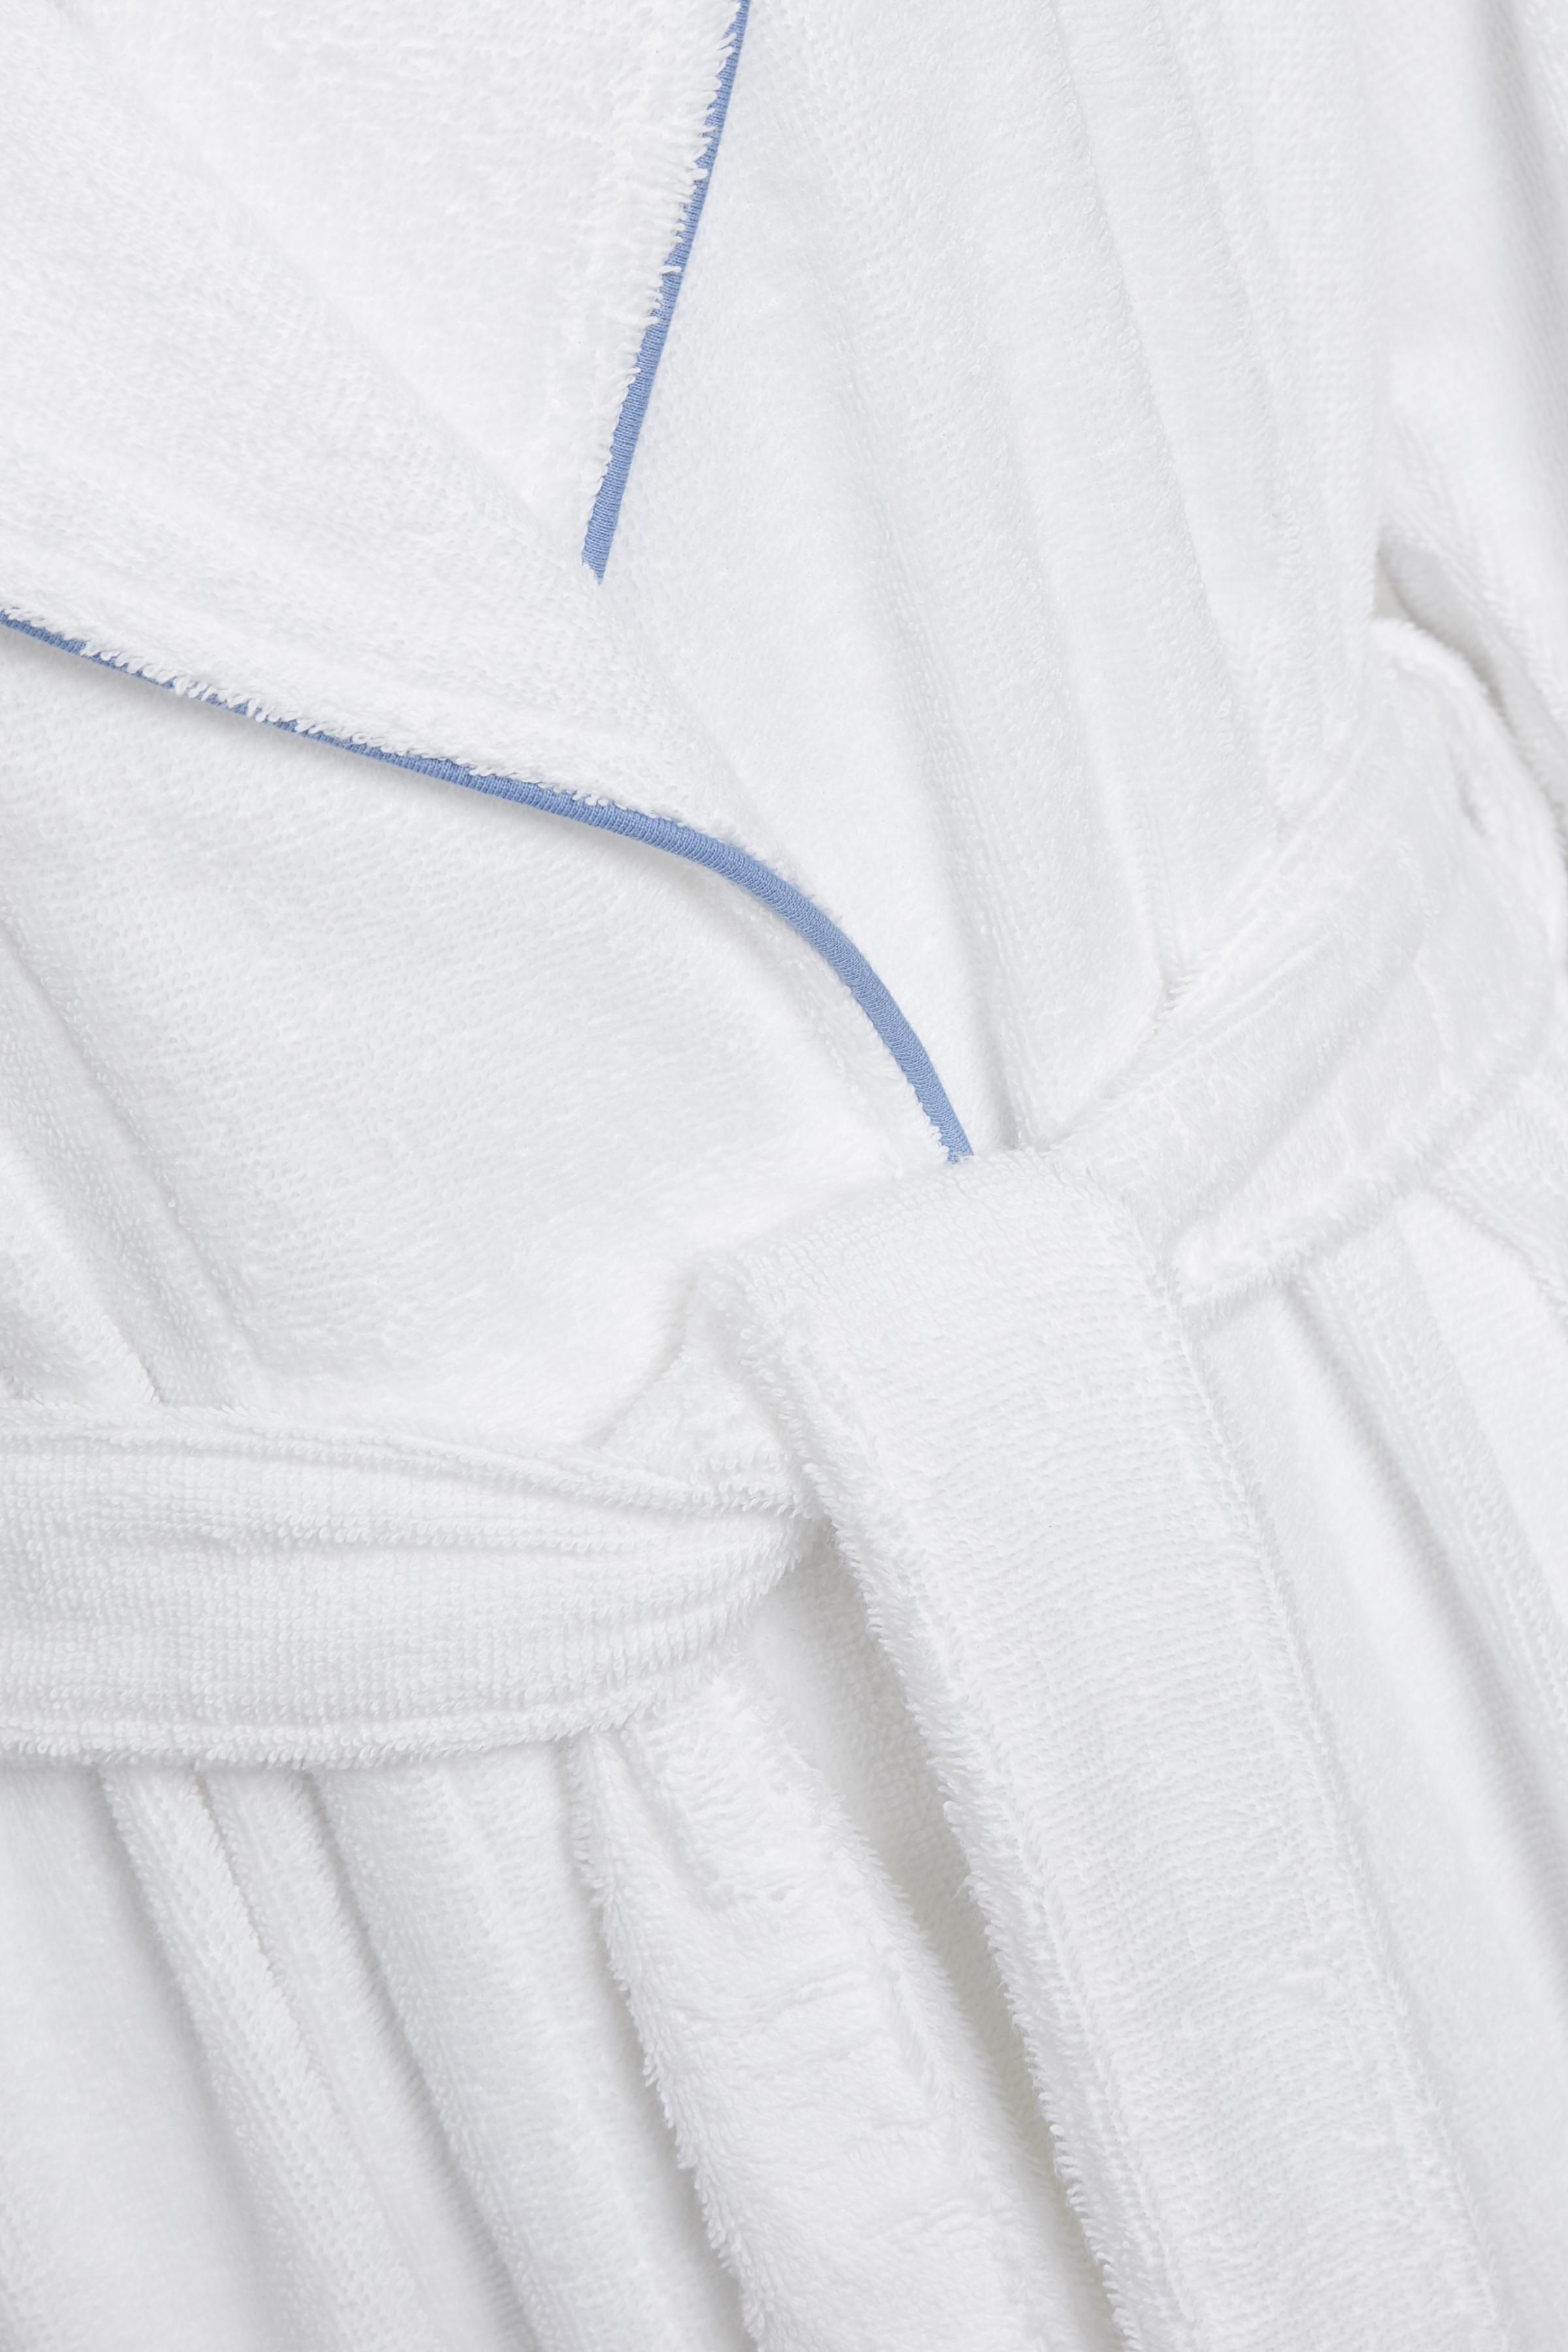 Hvid Morgenkåbe fra Triumph – Køb Hvid Morgenkåbe fra str. 36-44 her